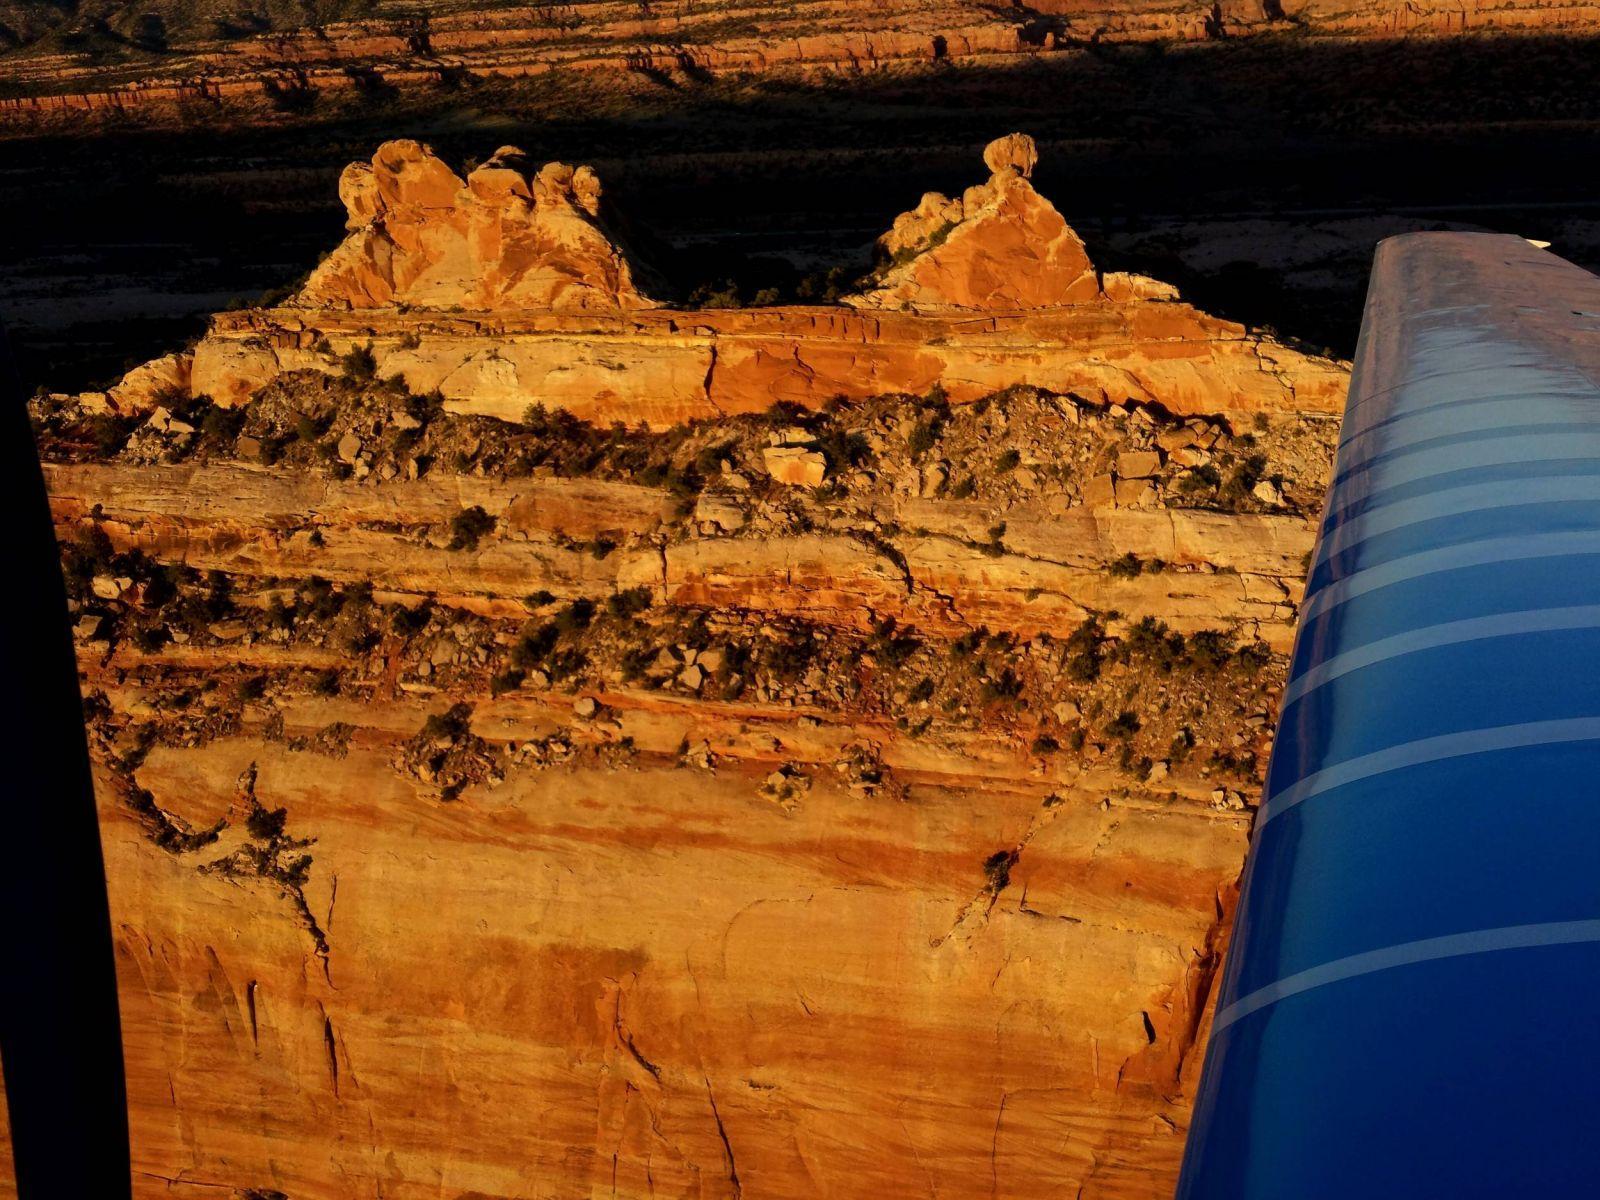 South Eastern Utah Comb Ridge